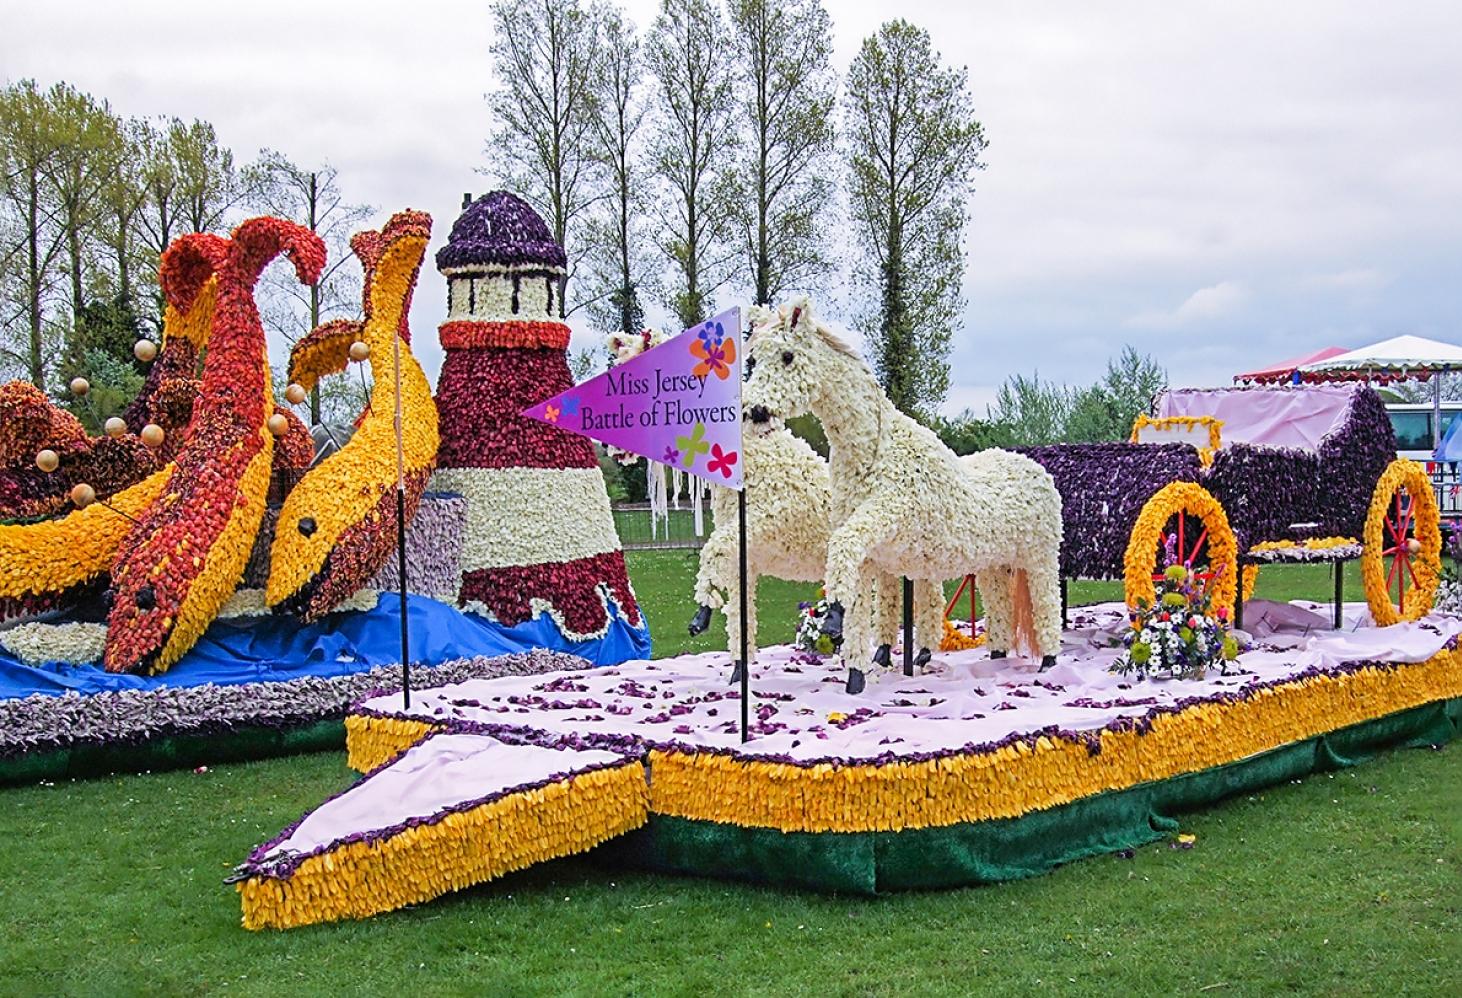 Парад цветов в Спалдинге, Графство Линкольншир, Великобритания, в начале мая